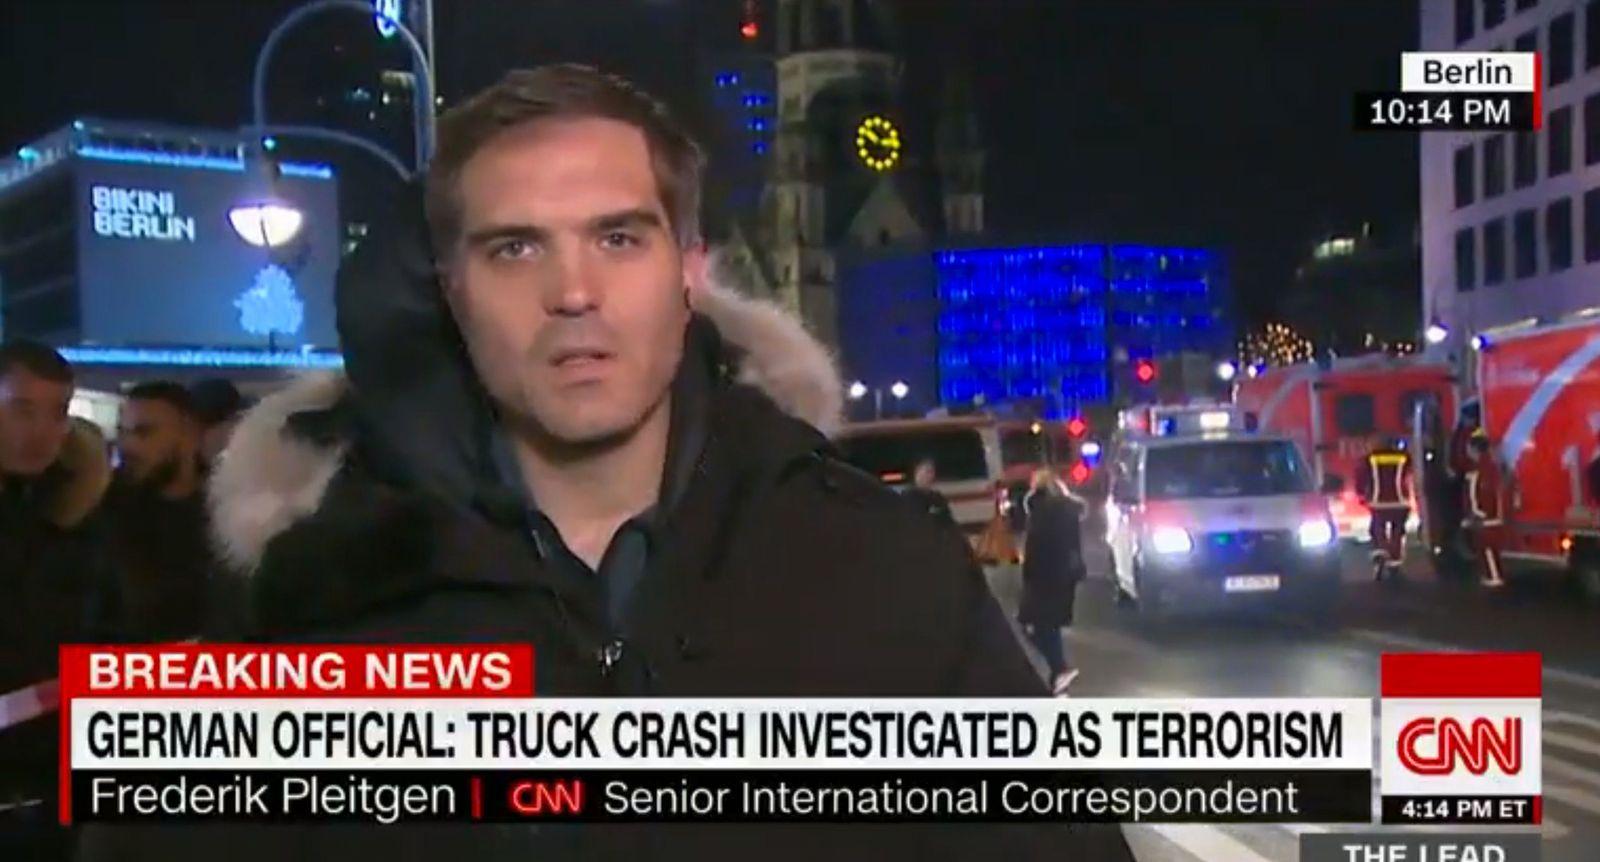 NUR ALS ZITAT Screenshot / Berichterstattung CNN / Berlin